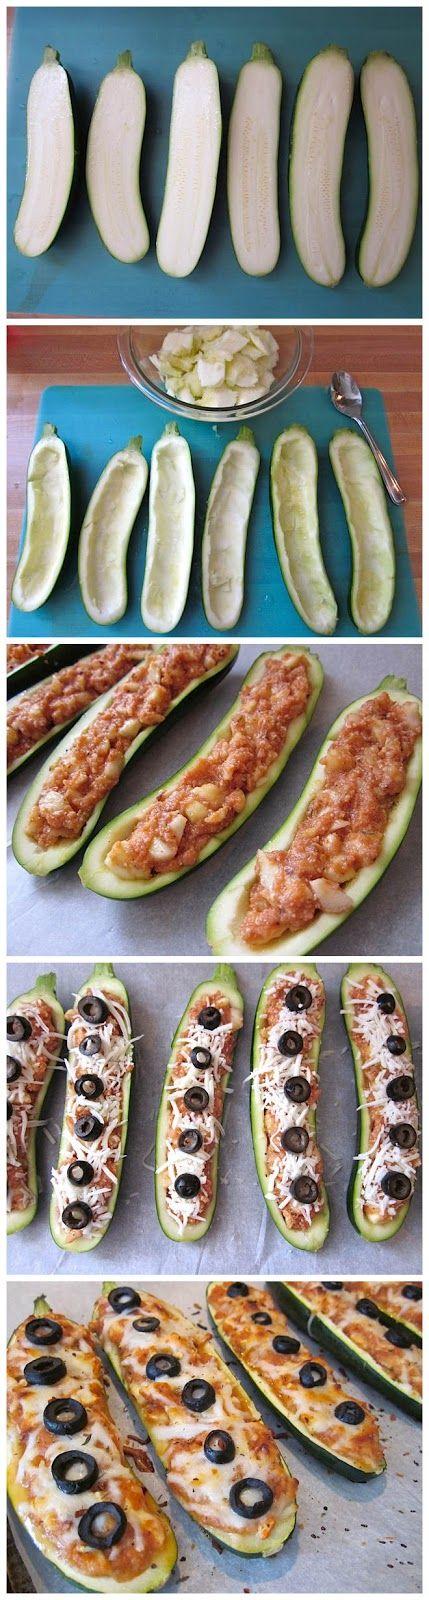 zucchini pizza boats